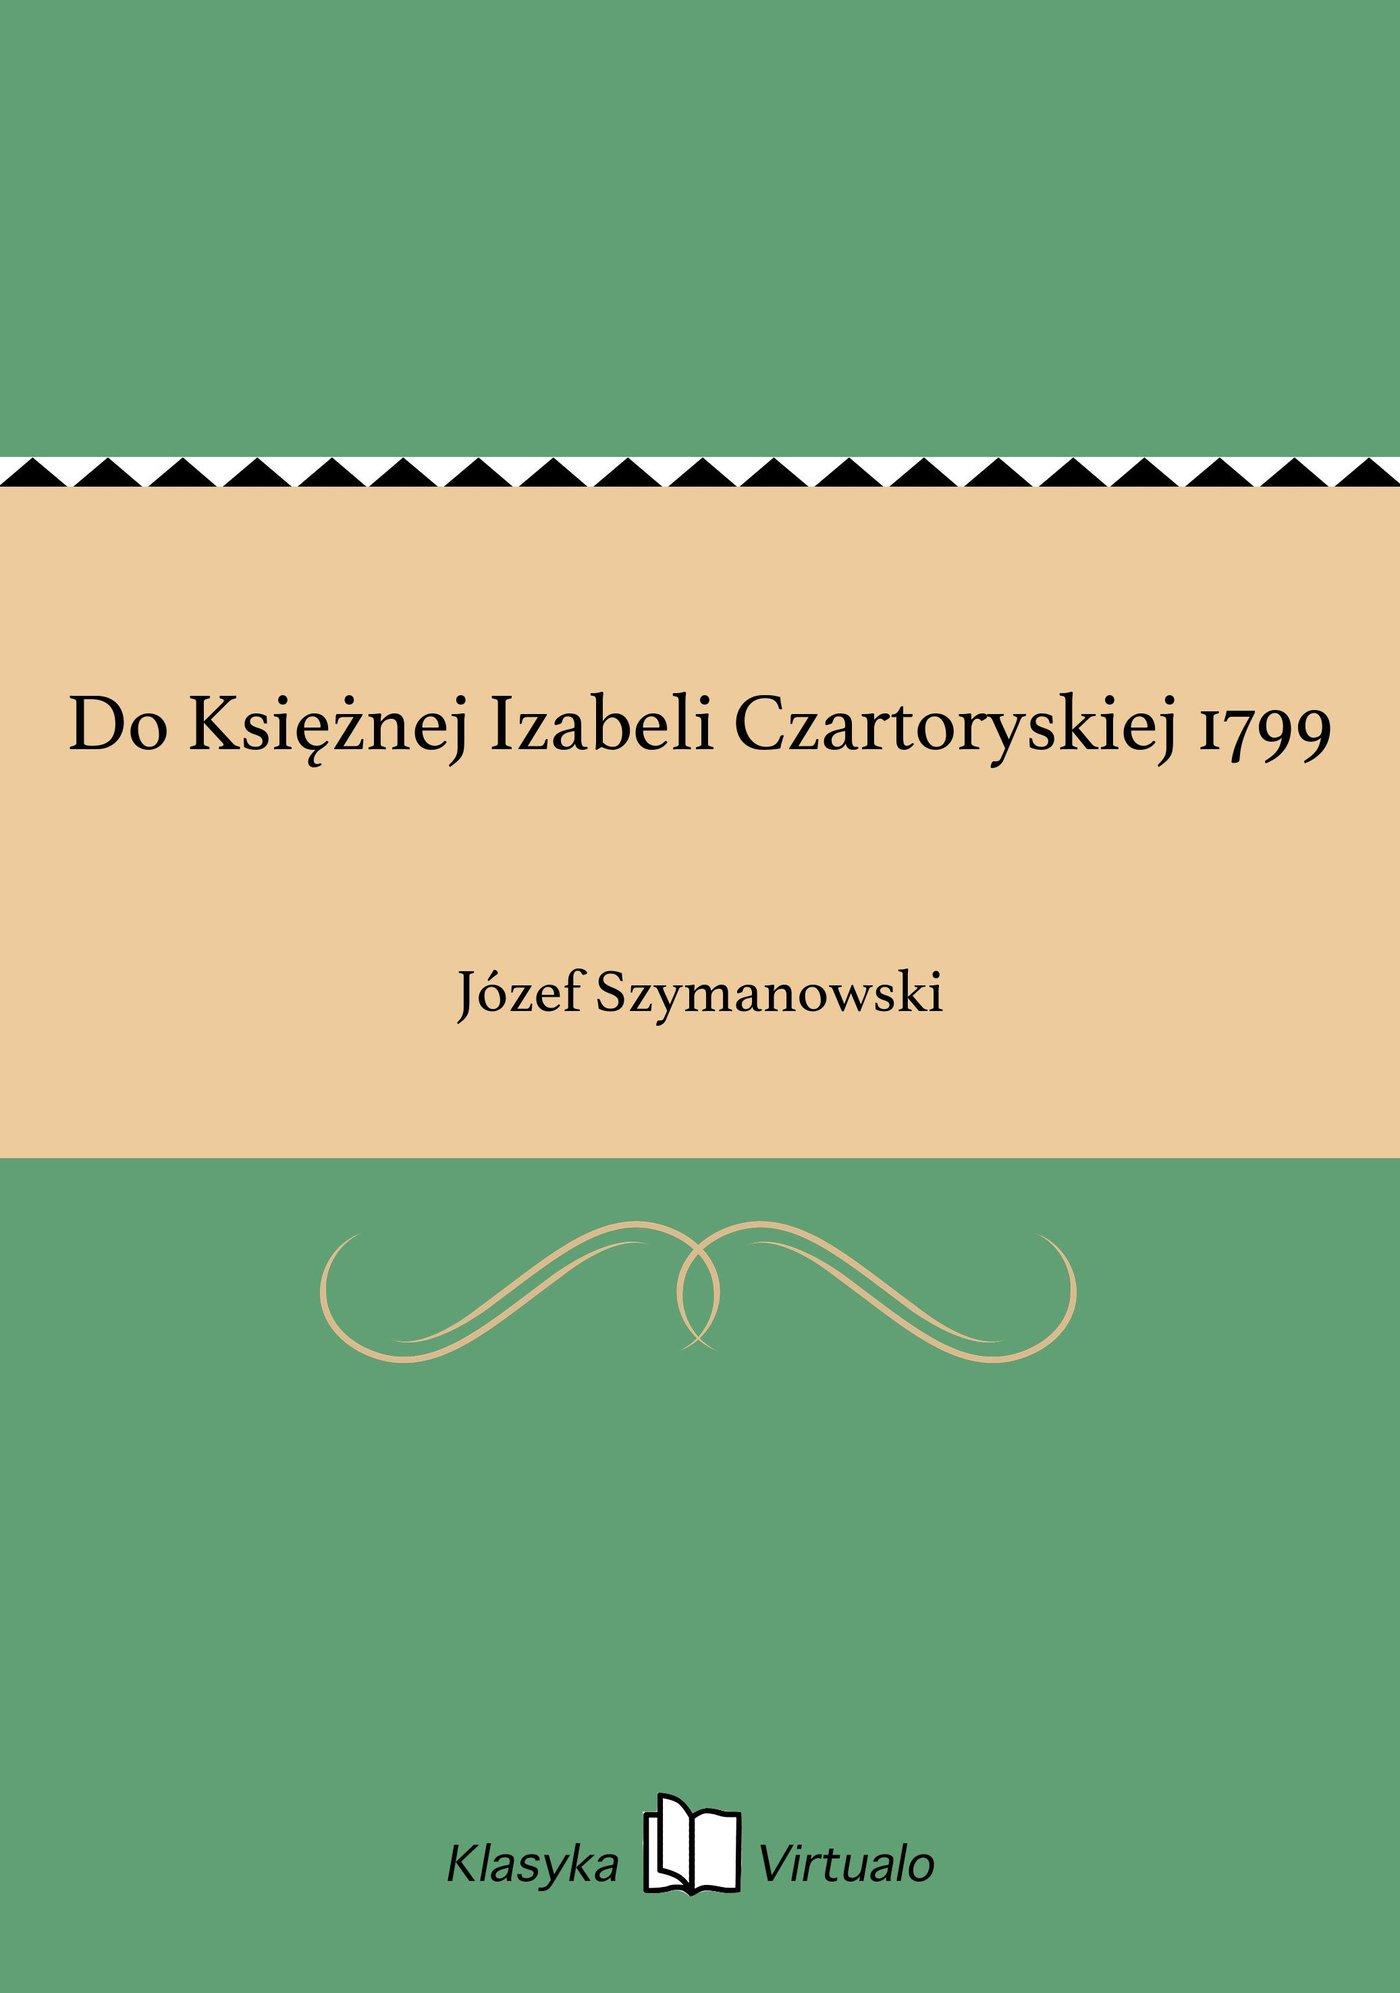 Do Księżnej Izabeli Czartoryskiej 1799 - Ebook (Książka EPUB) do pobrania w formacie EPUB